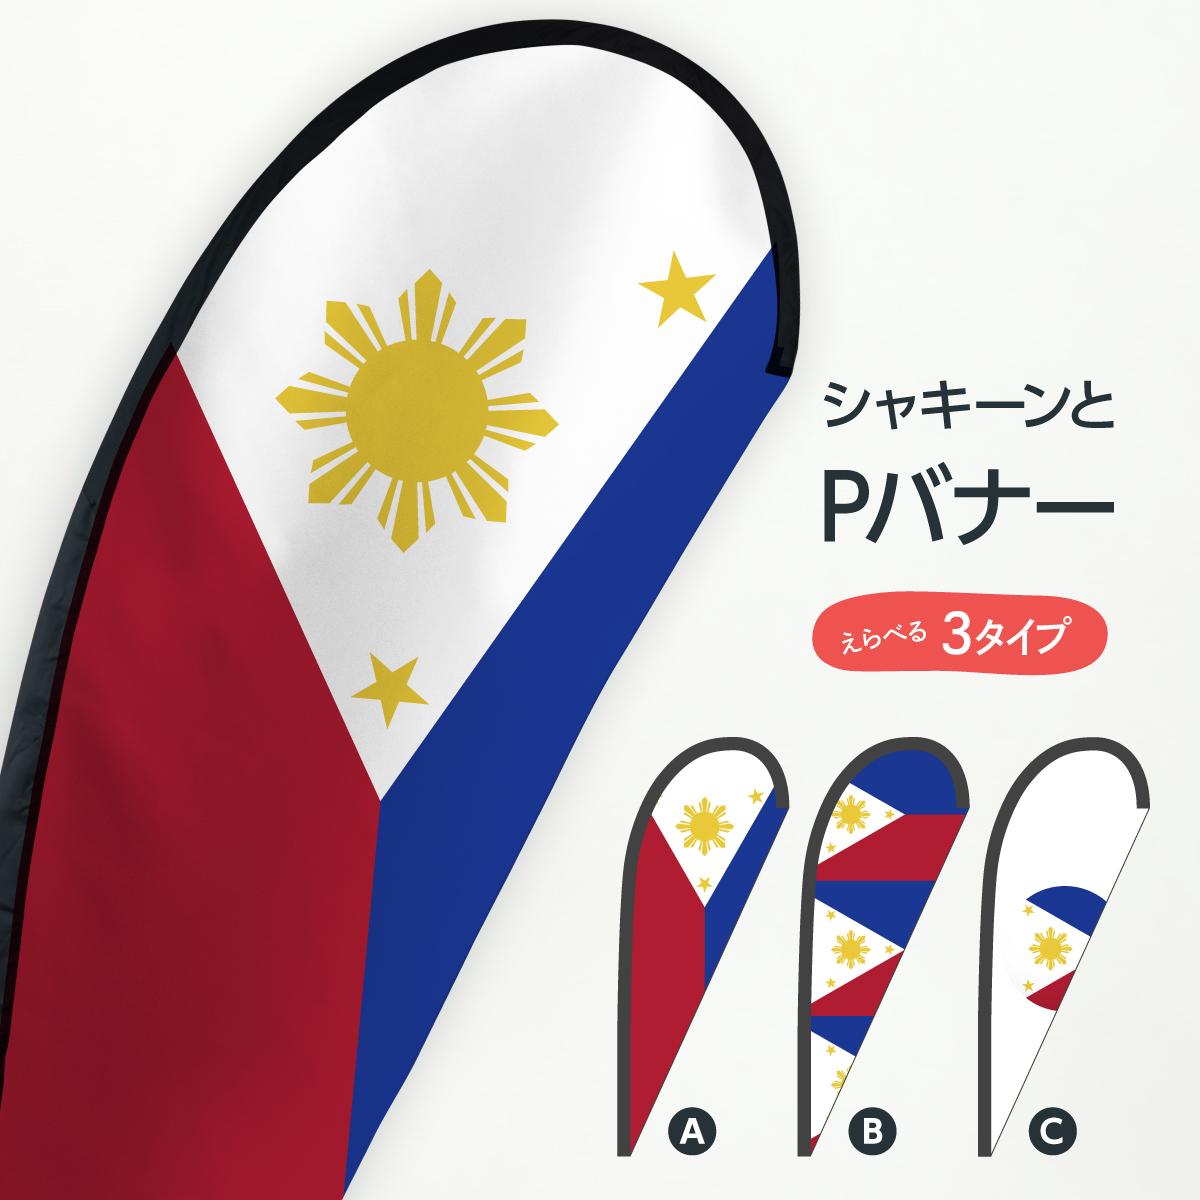 フィリピン国旗 Pバナー